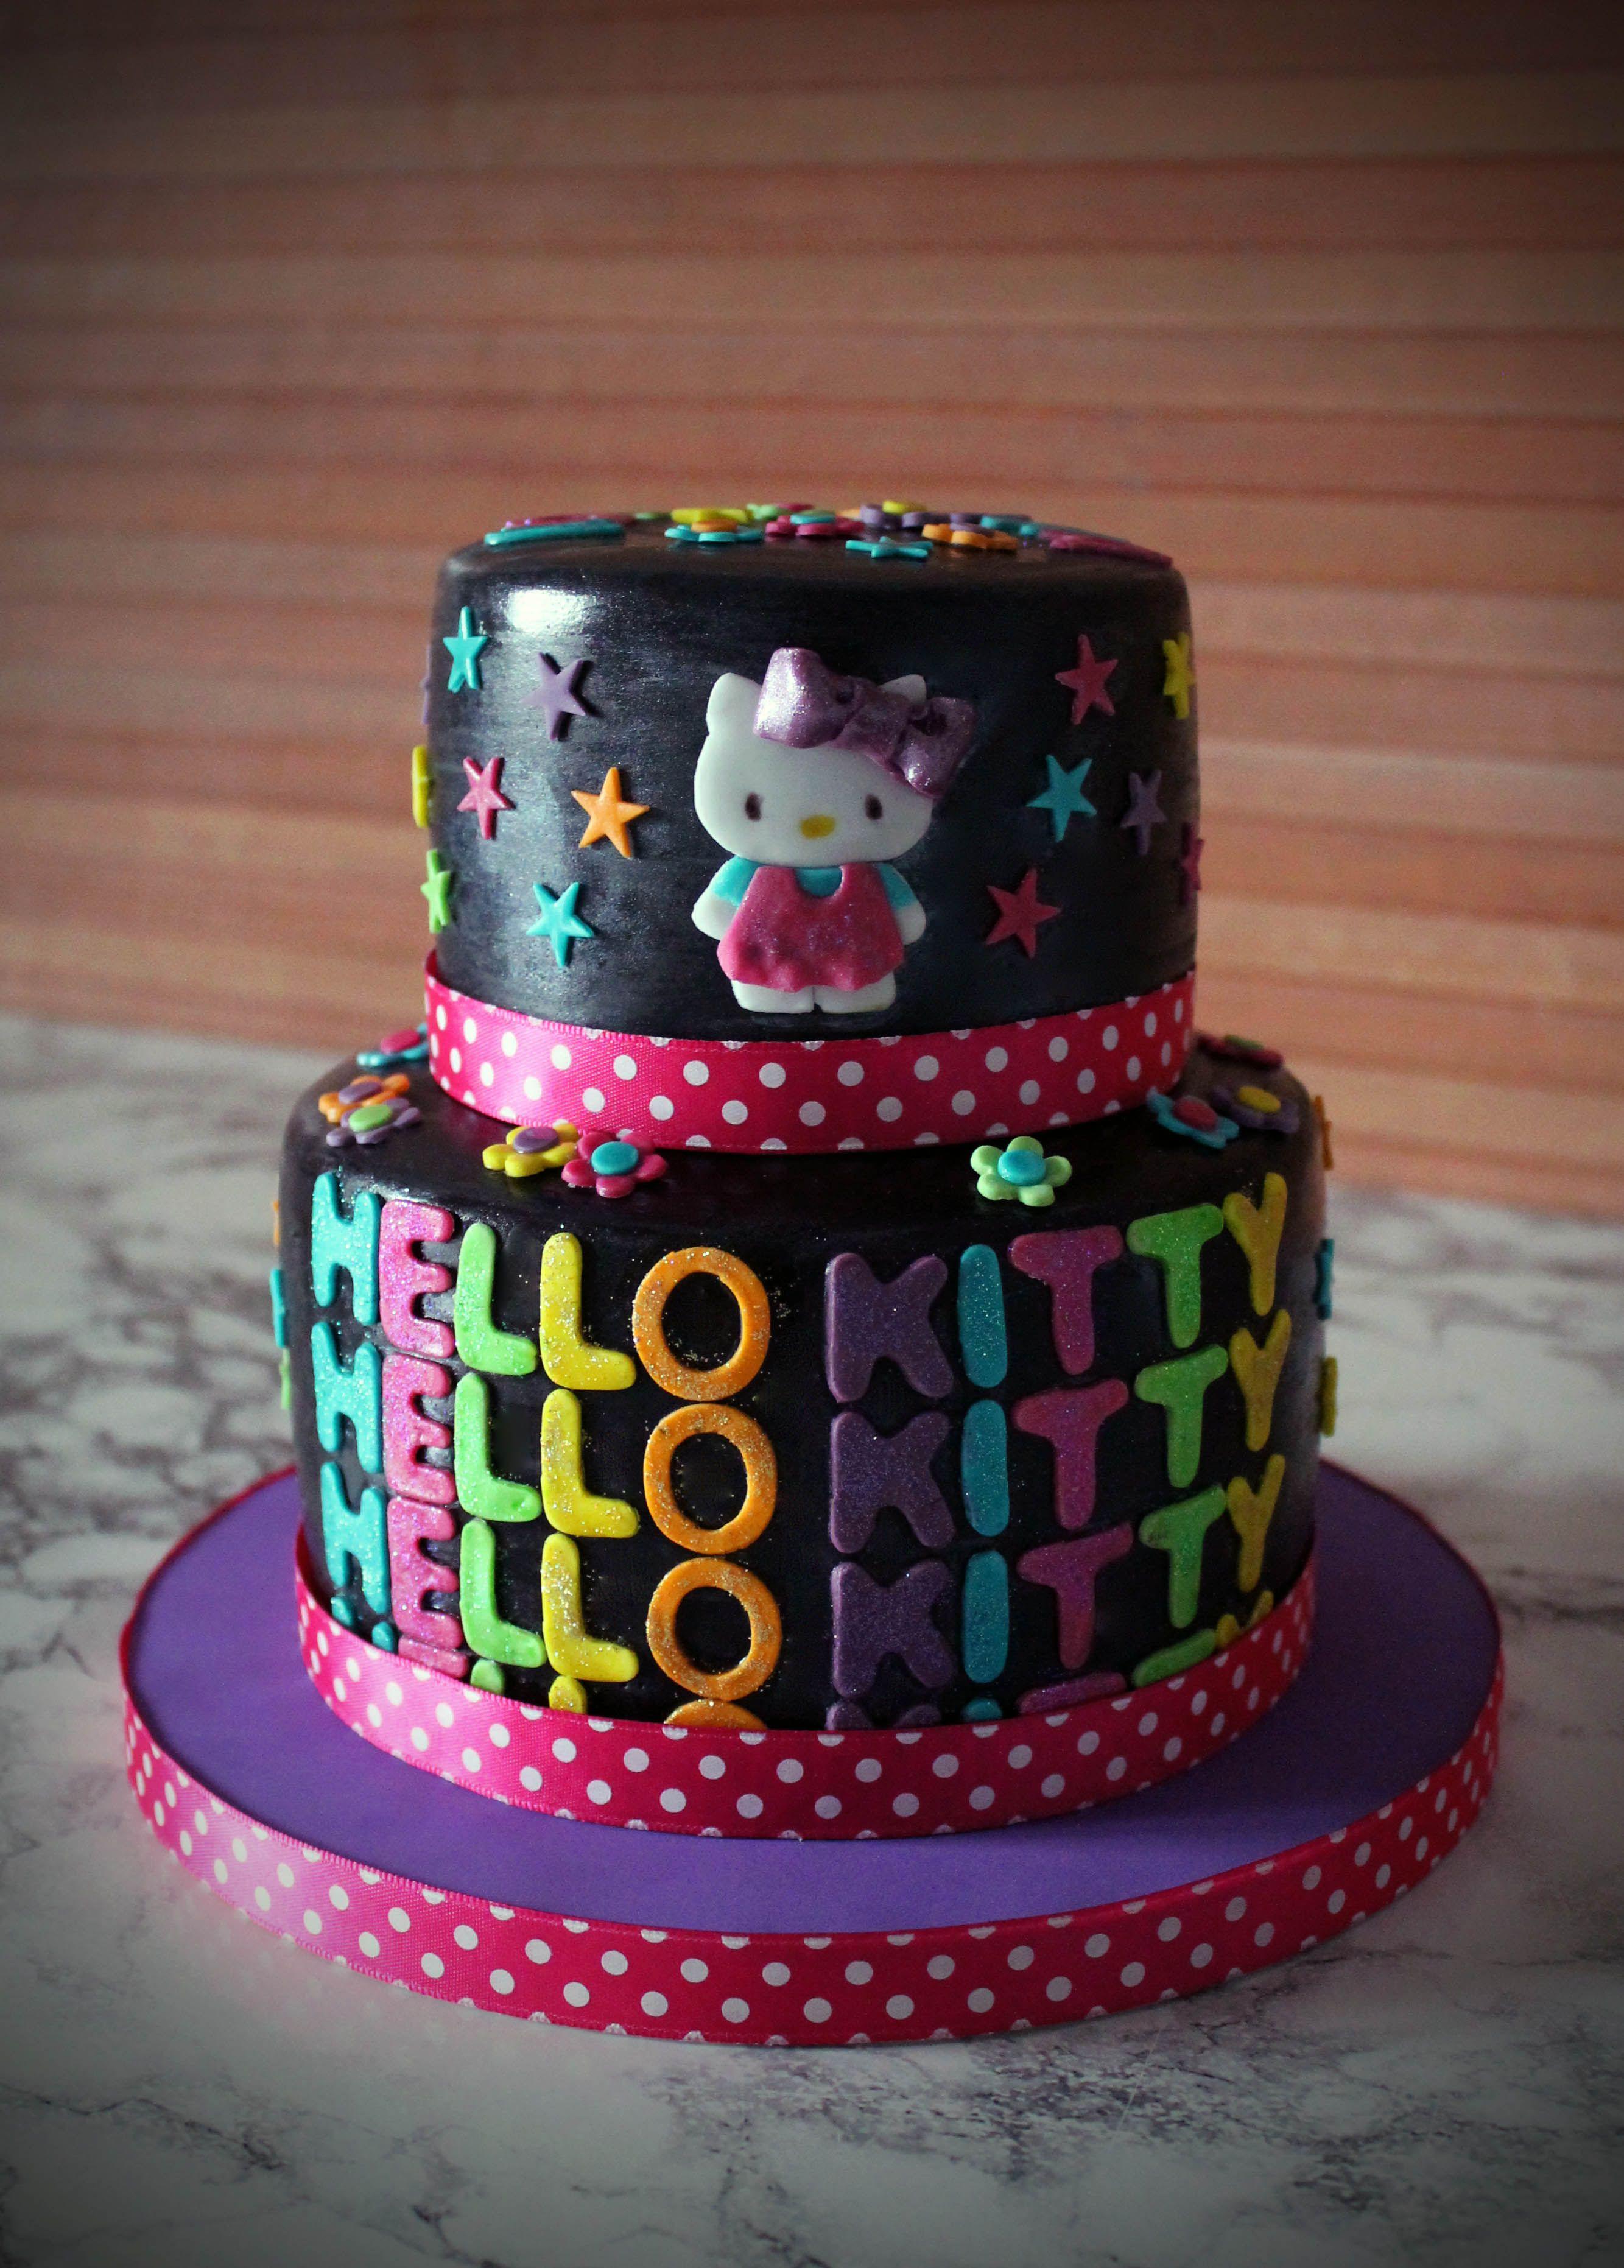 Hello Kitty Neon Birthday Cake wwwsweetlittlebitesinfo Hello